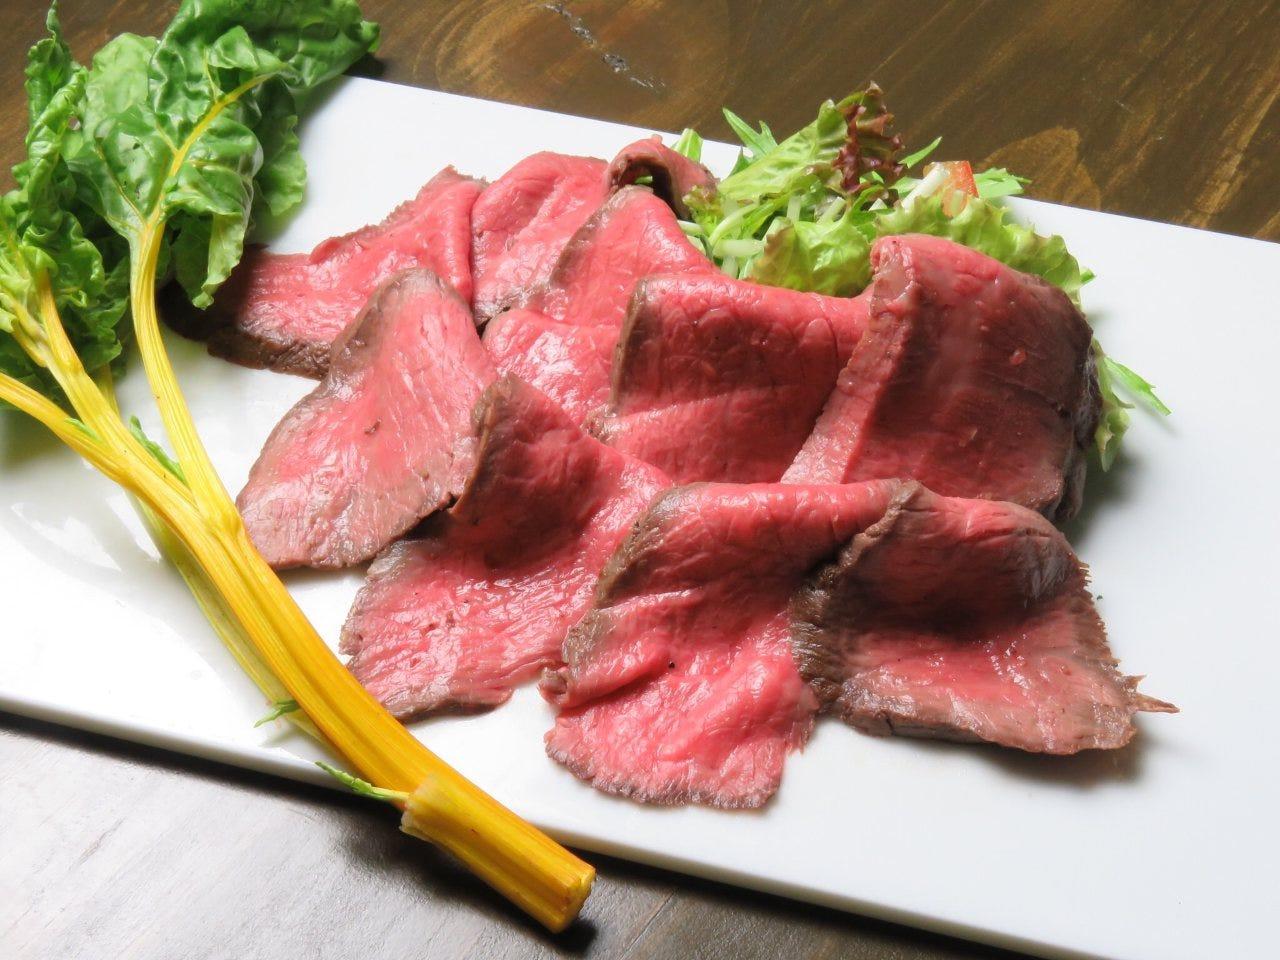 今話題の低温調理による肉の旨味と柔らかさを是非ご賞味ください